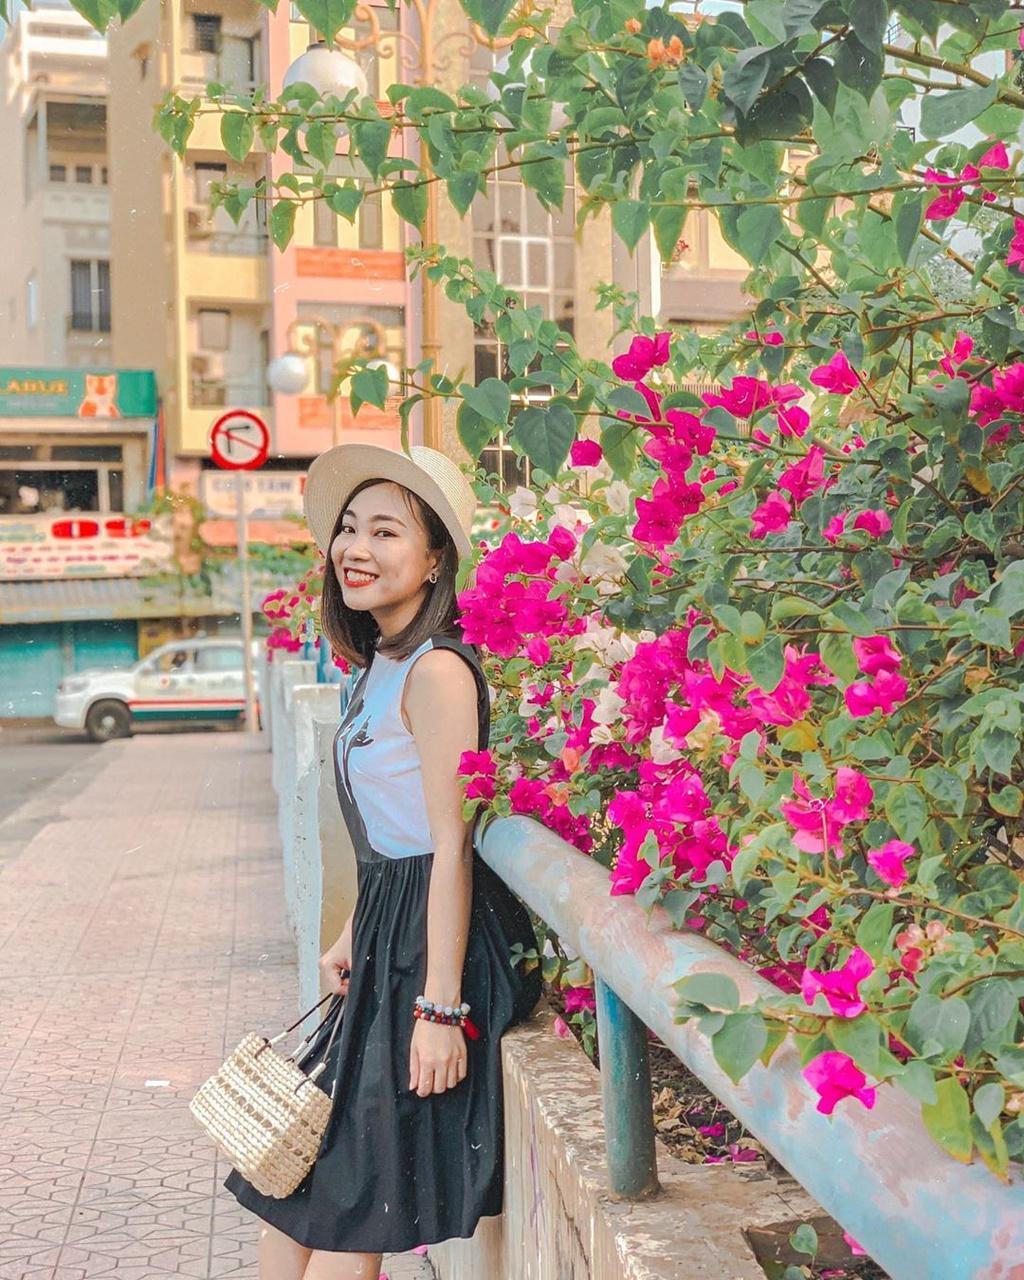 Hoa giấy khoe sắc trên góc phố Sài thành Ảnh 6